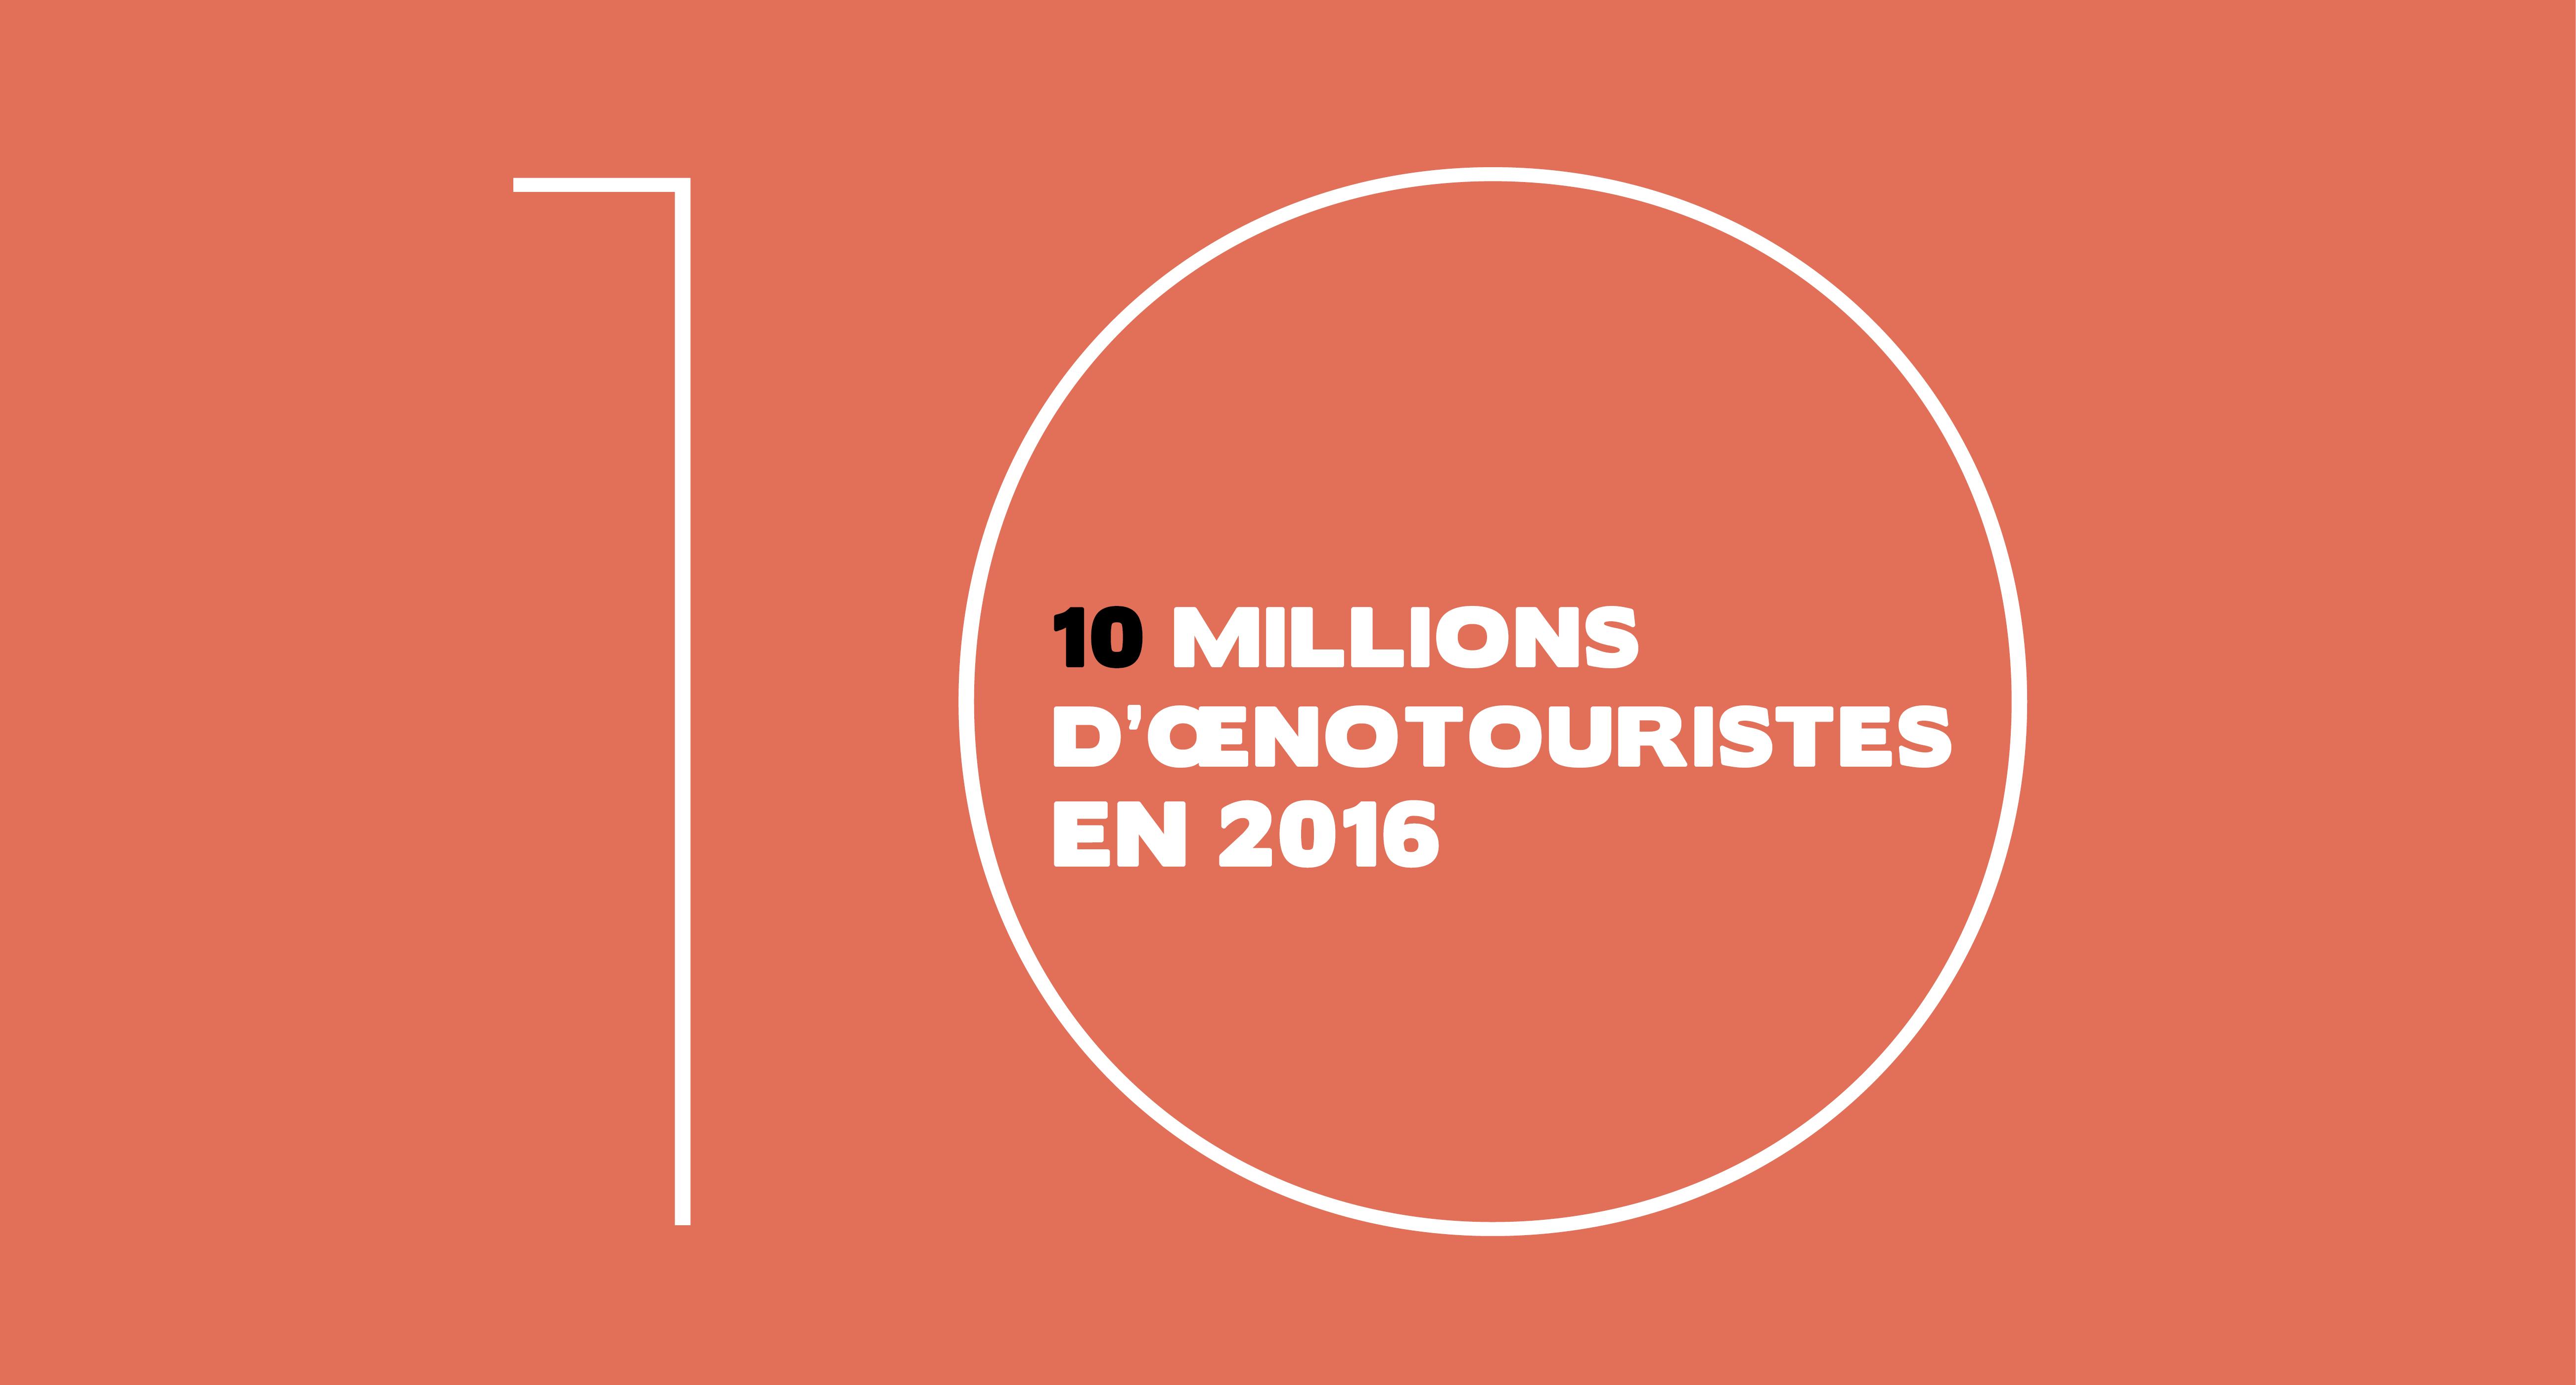 Les statistiques de l'oenotourisme en France © Atout France